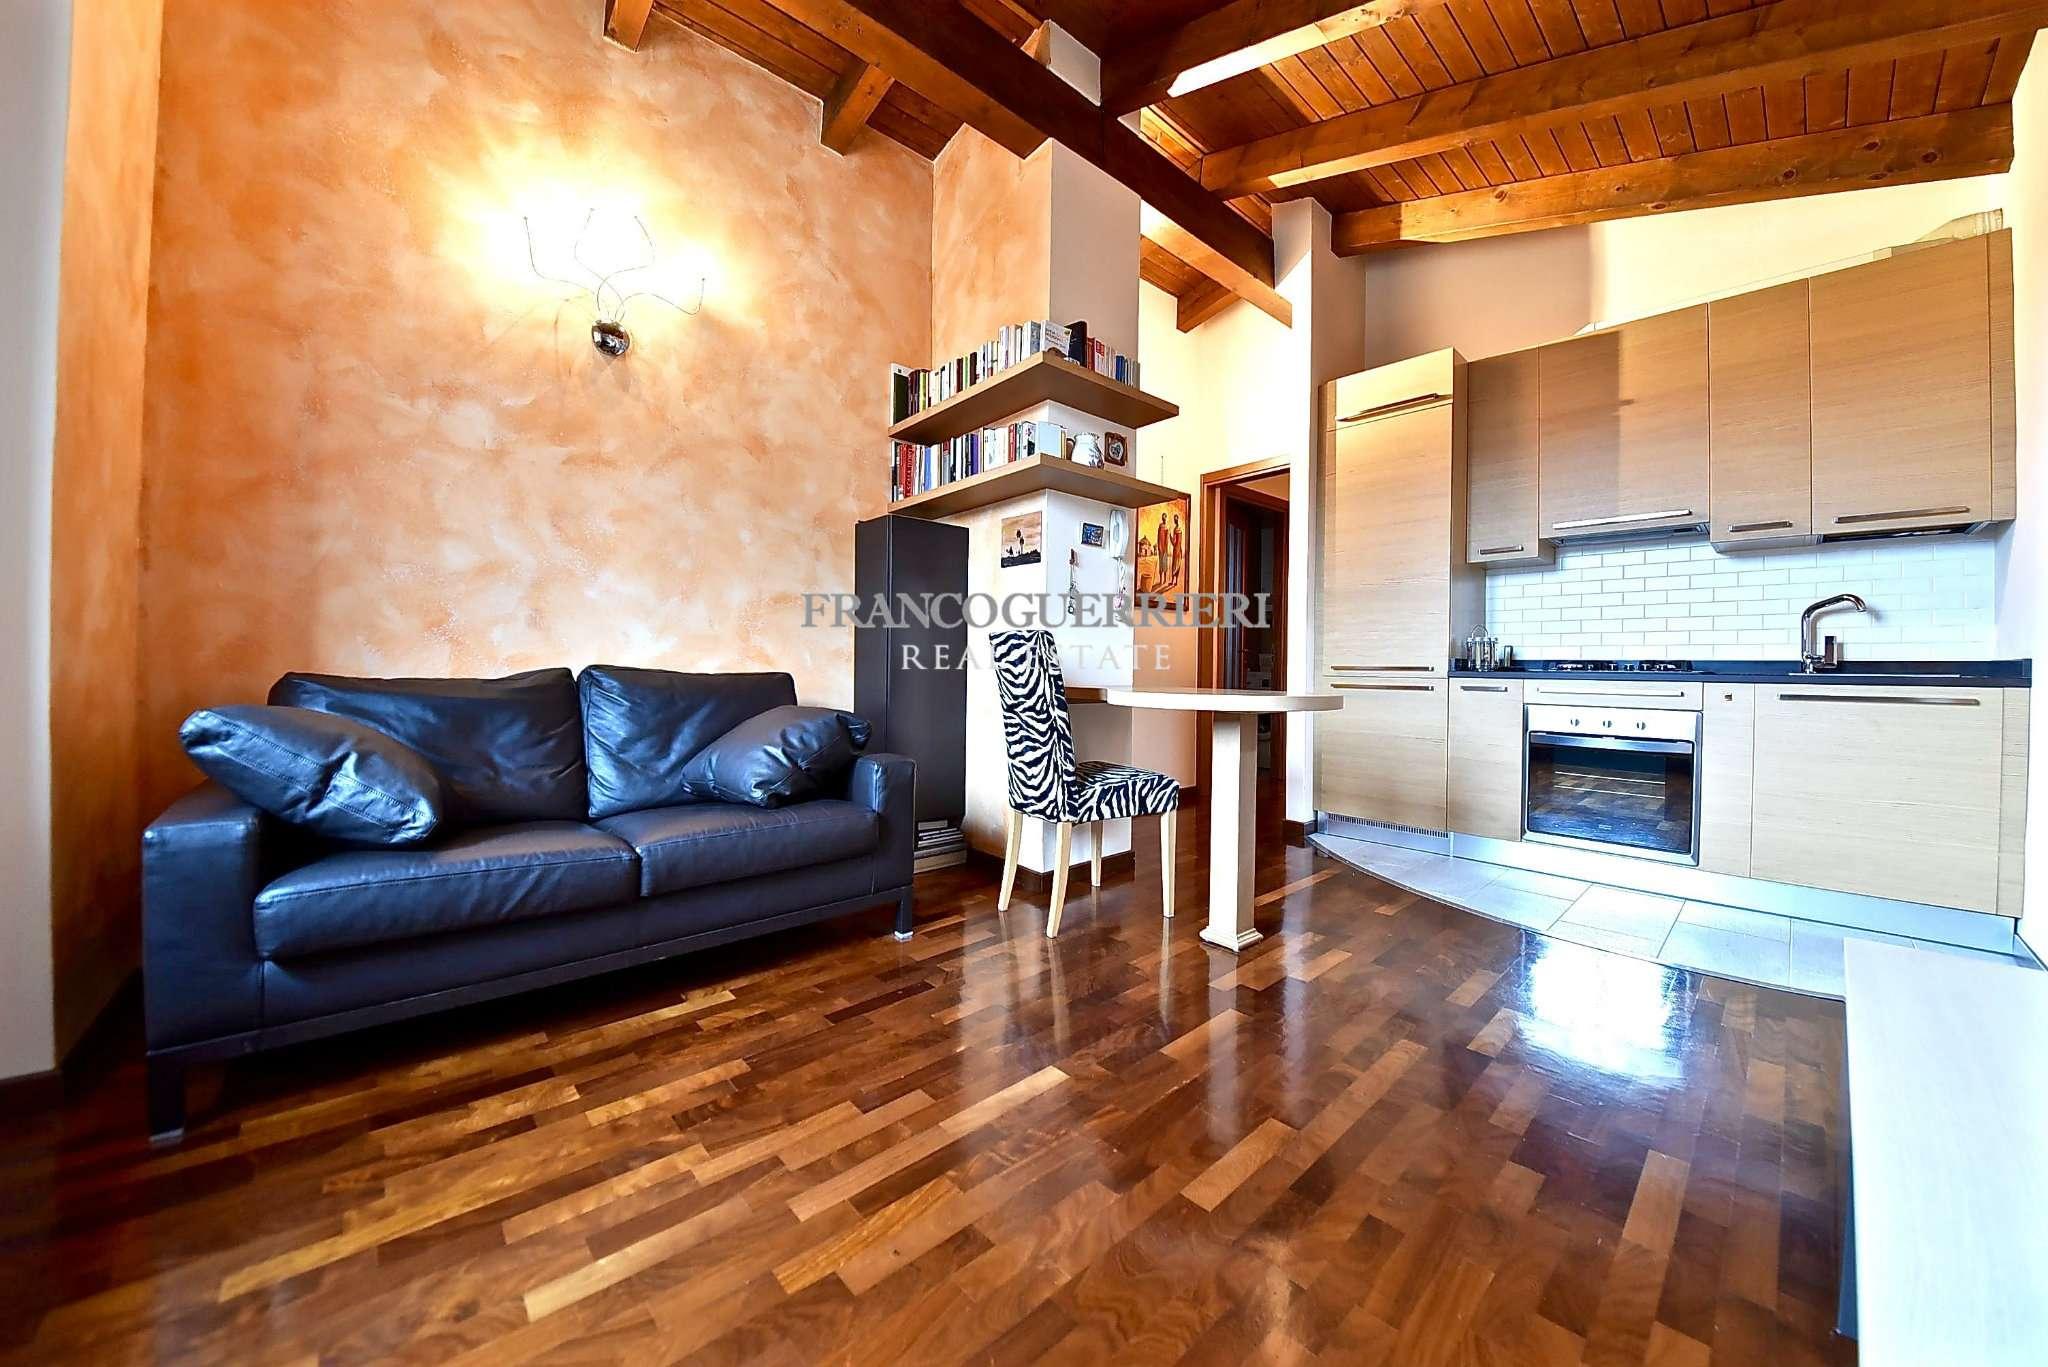 Appartamento in Vendita a Monticello Brianza: 2 locali, 65 mq